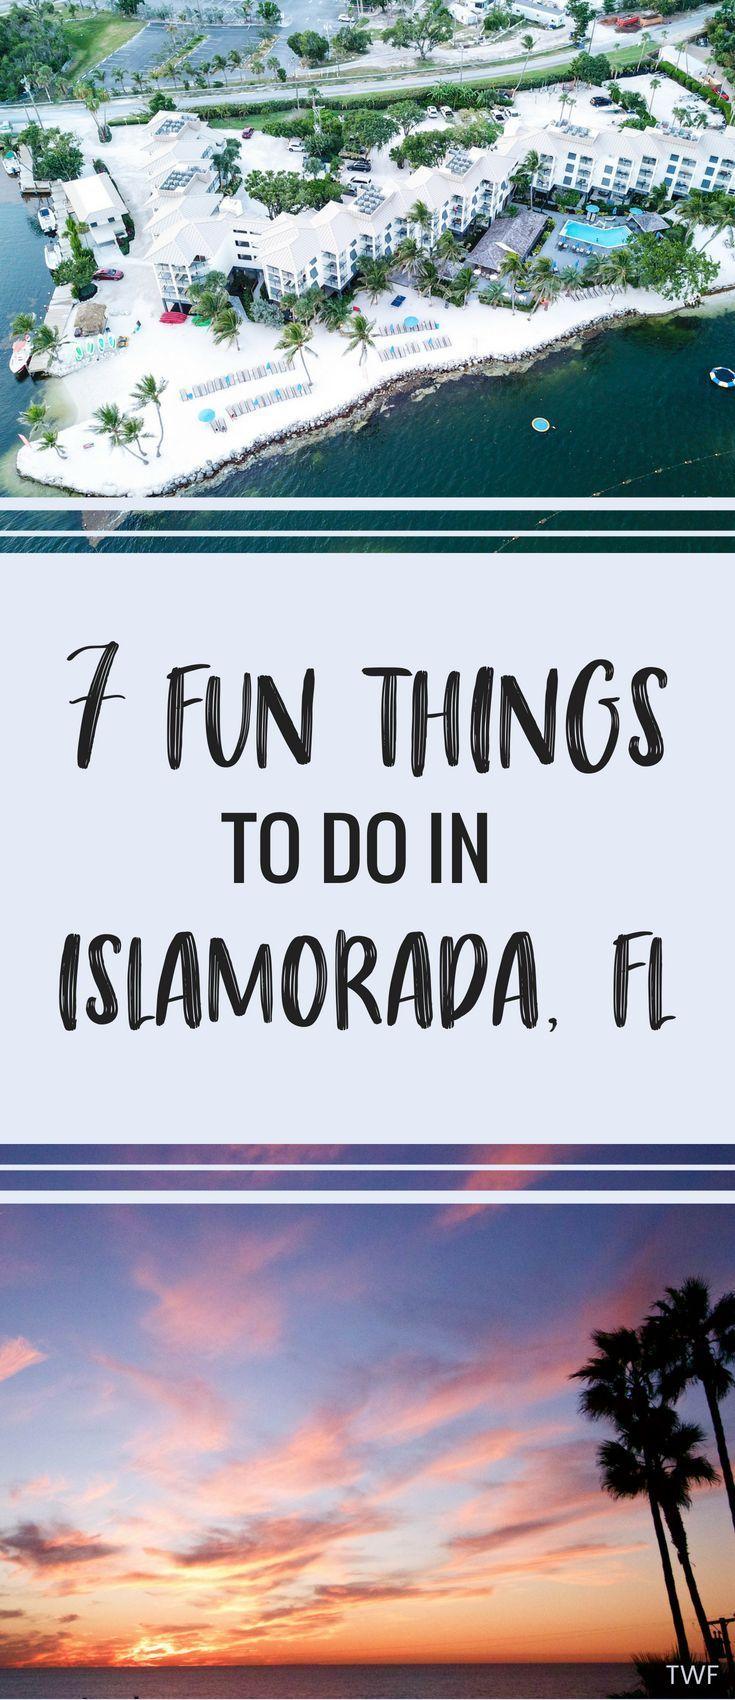 7 Fun Things to Do in Islamorada, Florida